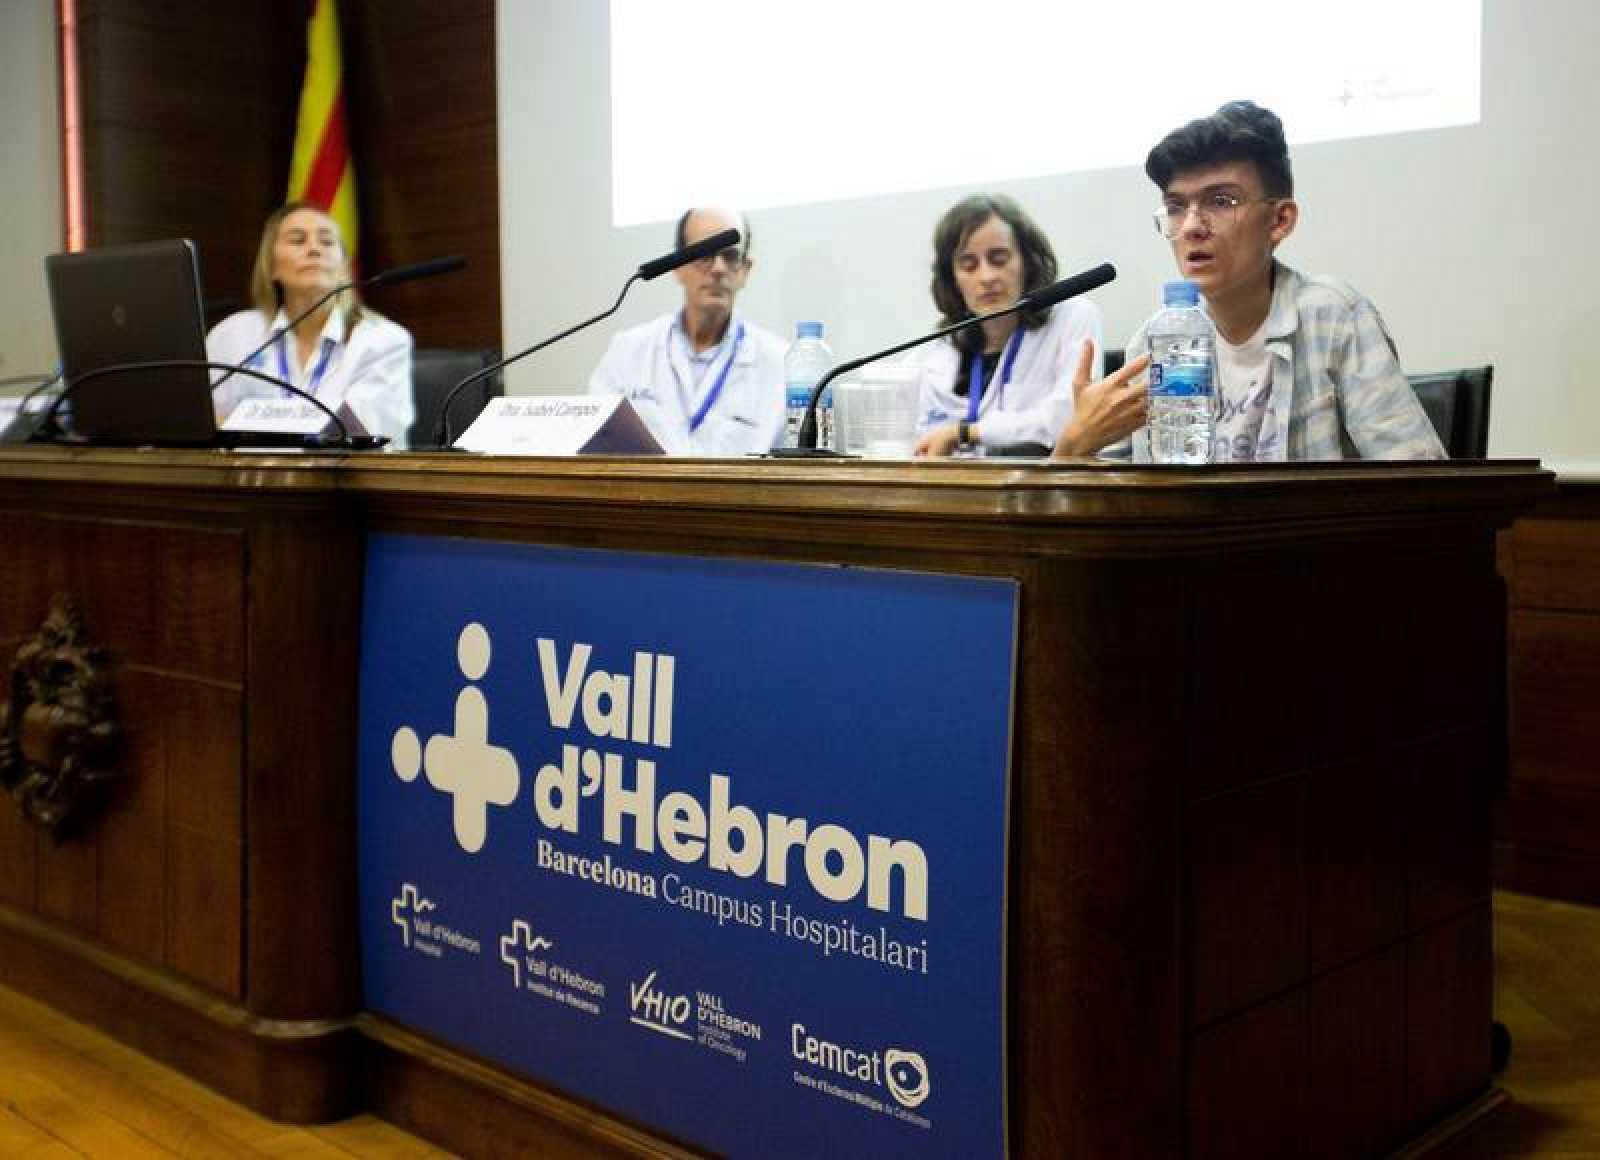 El equipo médico del Hospital Vall d'Hebron, junto al paciente durante la rueda de prensa